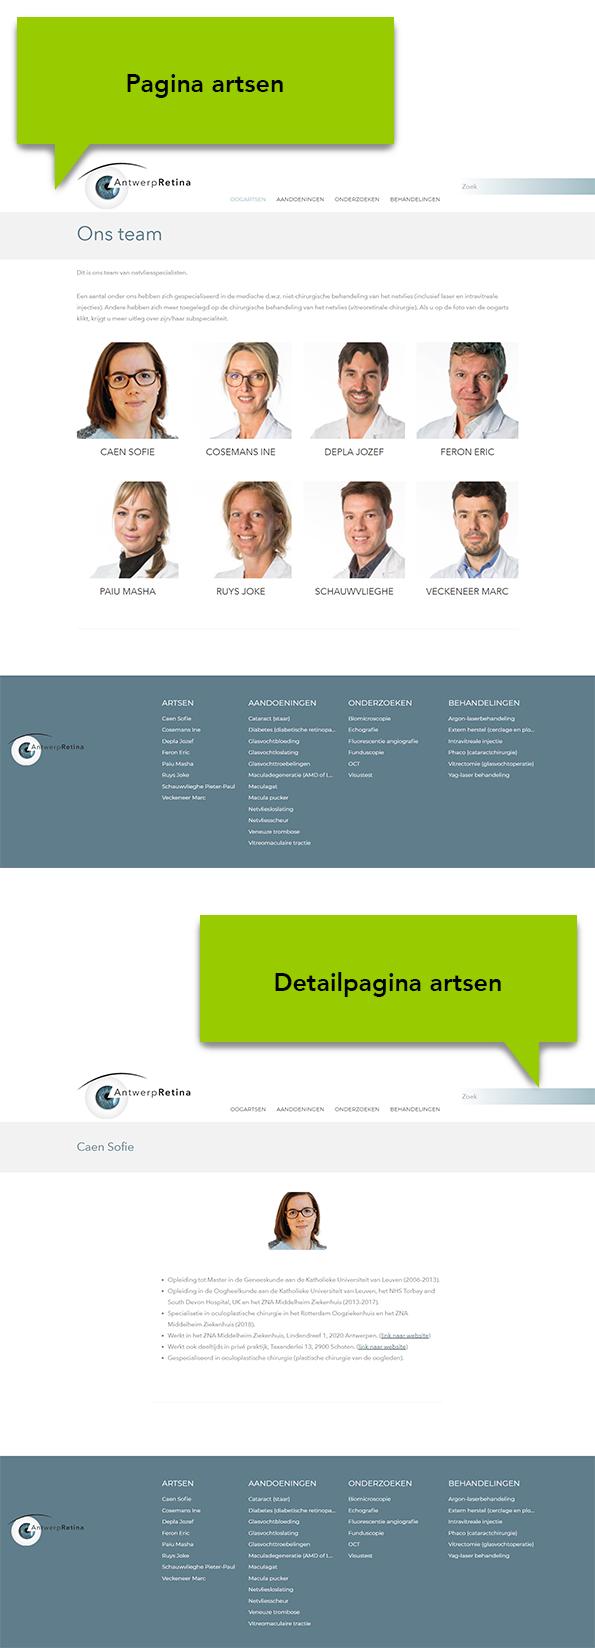 WordPress website oogartsenpraktijk